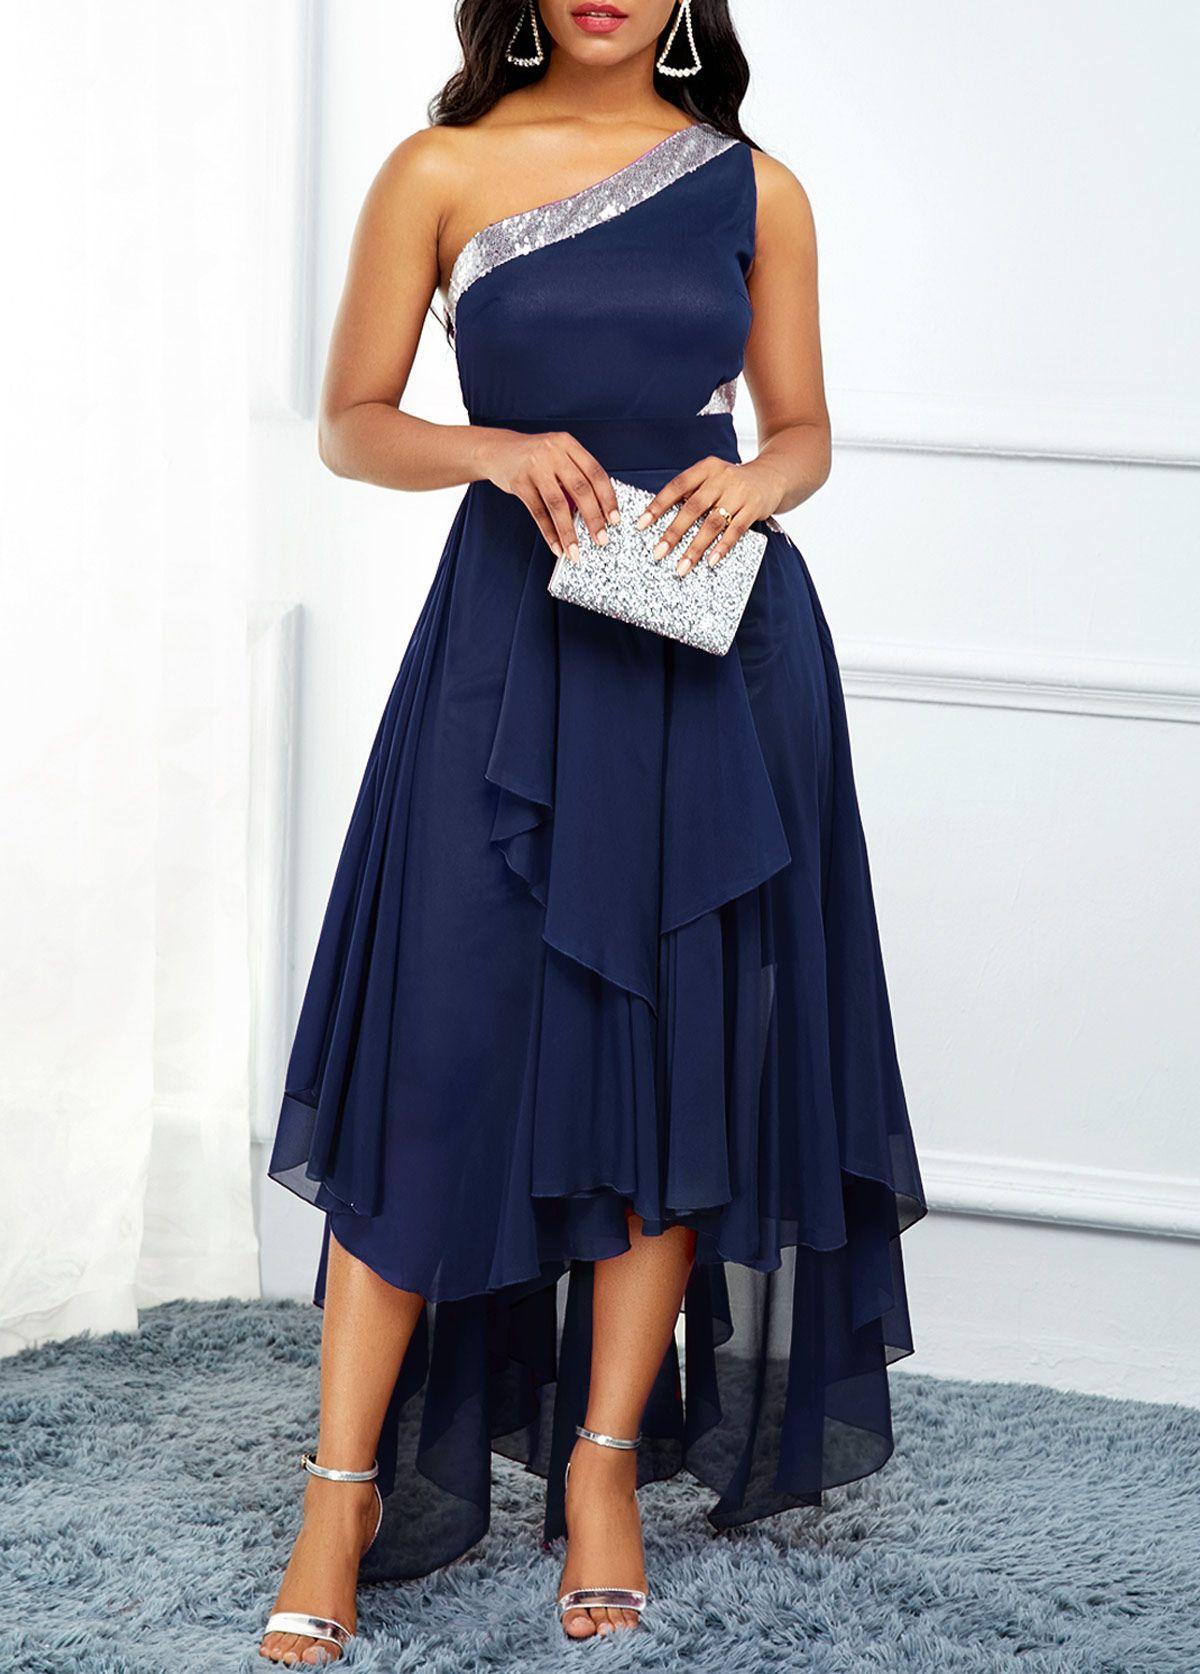 One Shoulder Navy Blue Asymmetric Hem Dress Modlily Com Usd 39 80 Dresses Blue Dress Outfits Hem Dress